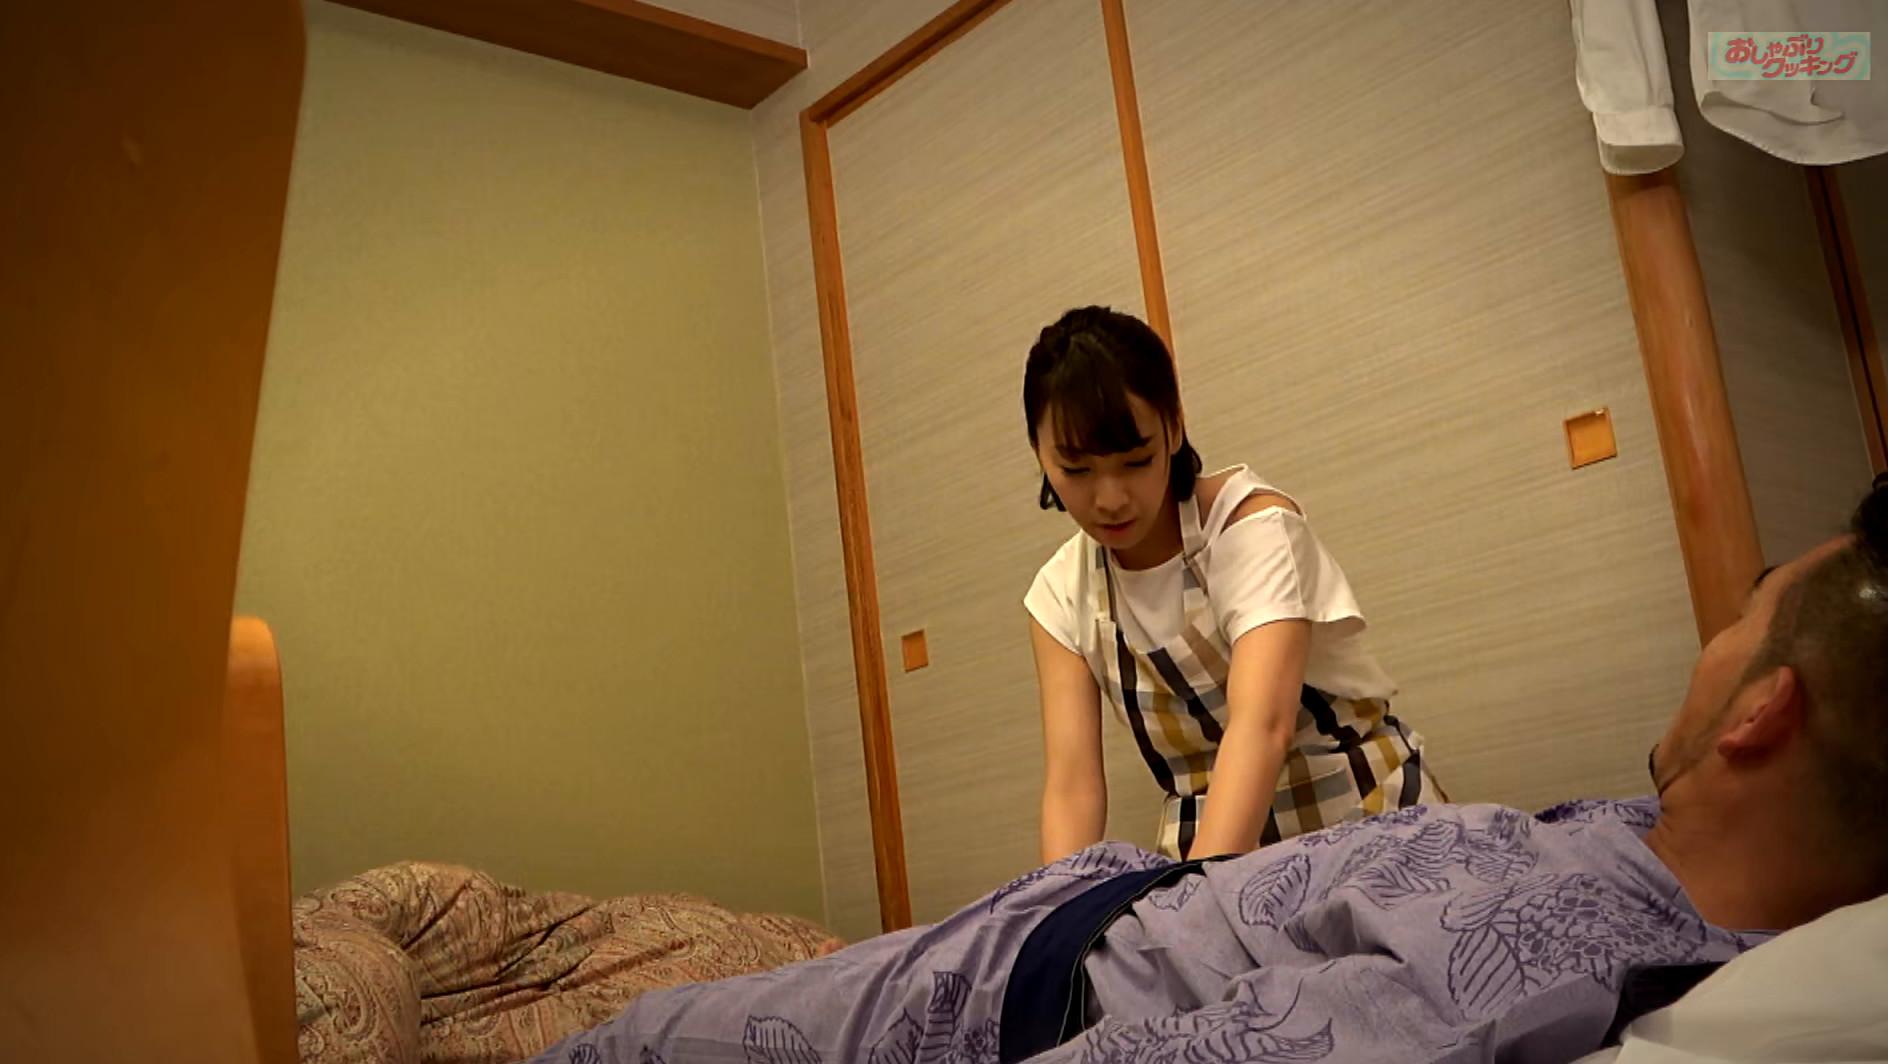 田舎の旅館をひとりで切盛りする美人女将に夜這いしました ゆり40歳 画像5